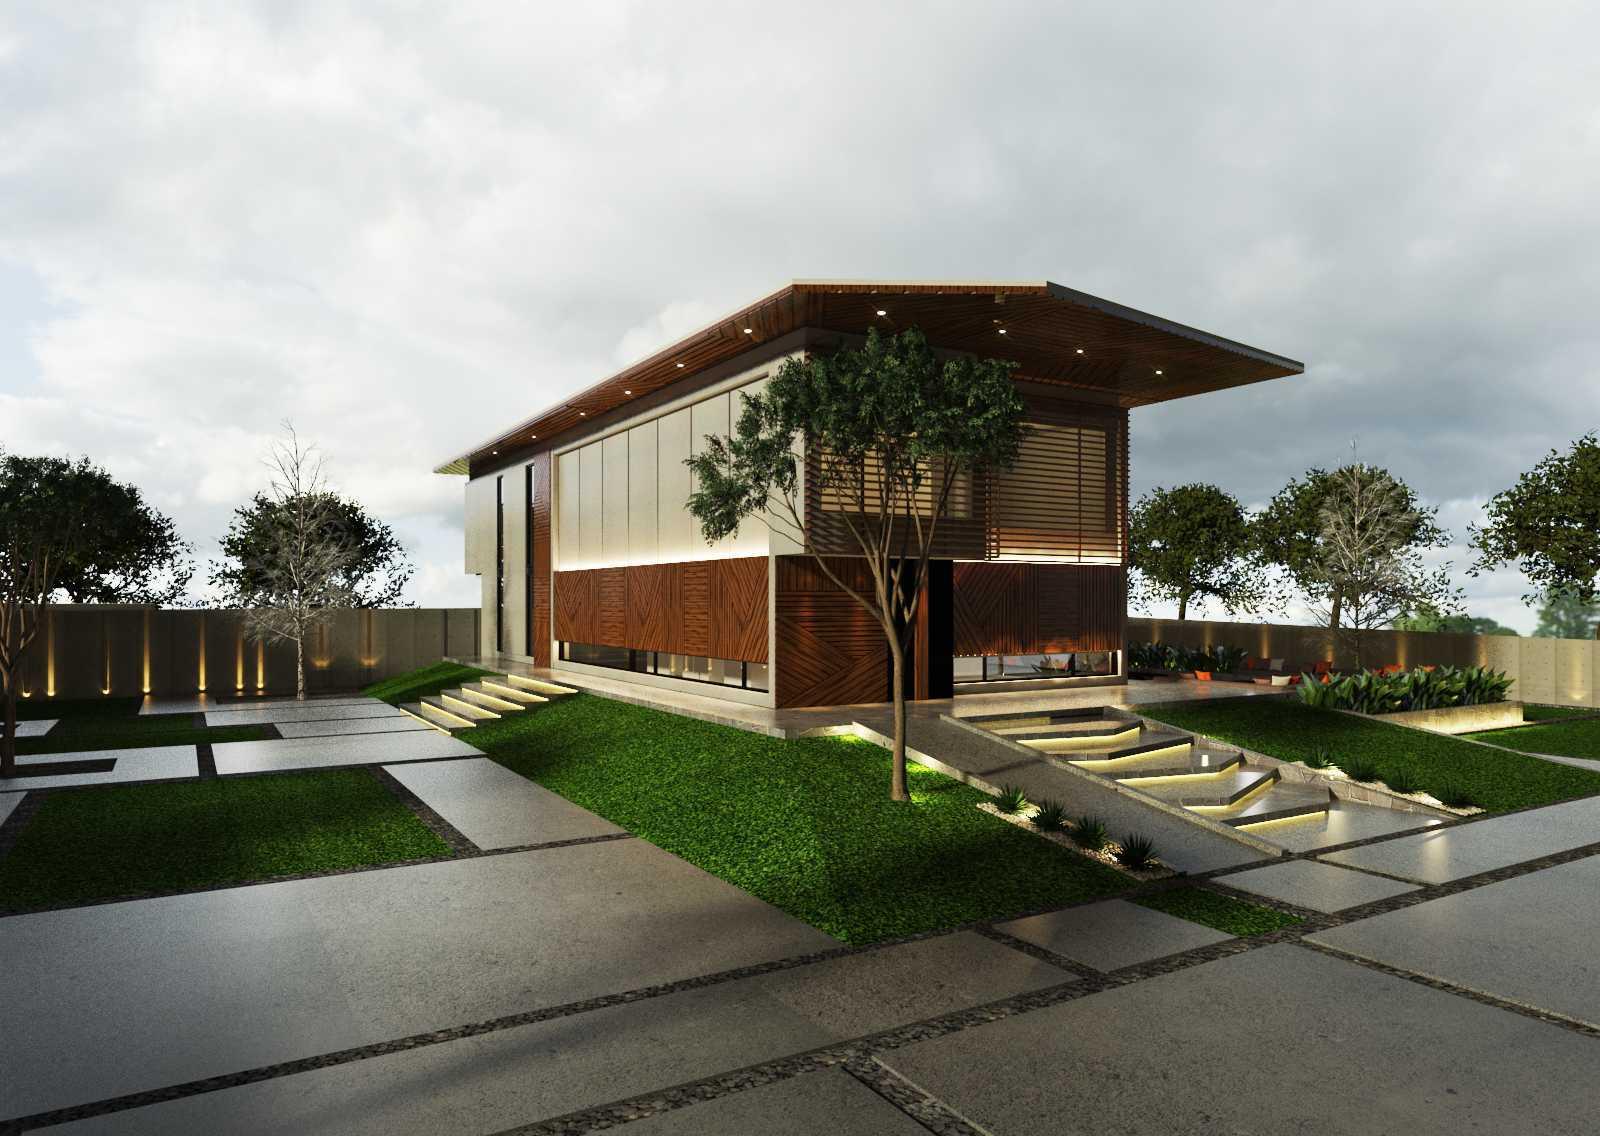 Merah Putih Architecture Io House Indonesia Indonesia Merah-Putih-Architecture-Io-House Contemporary 87596